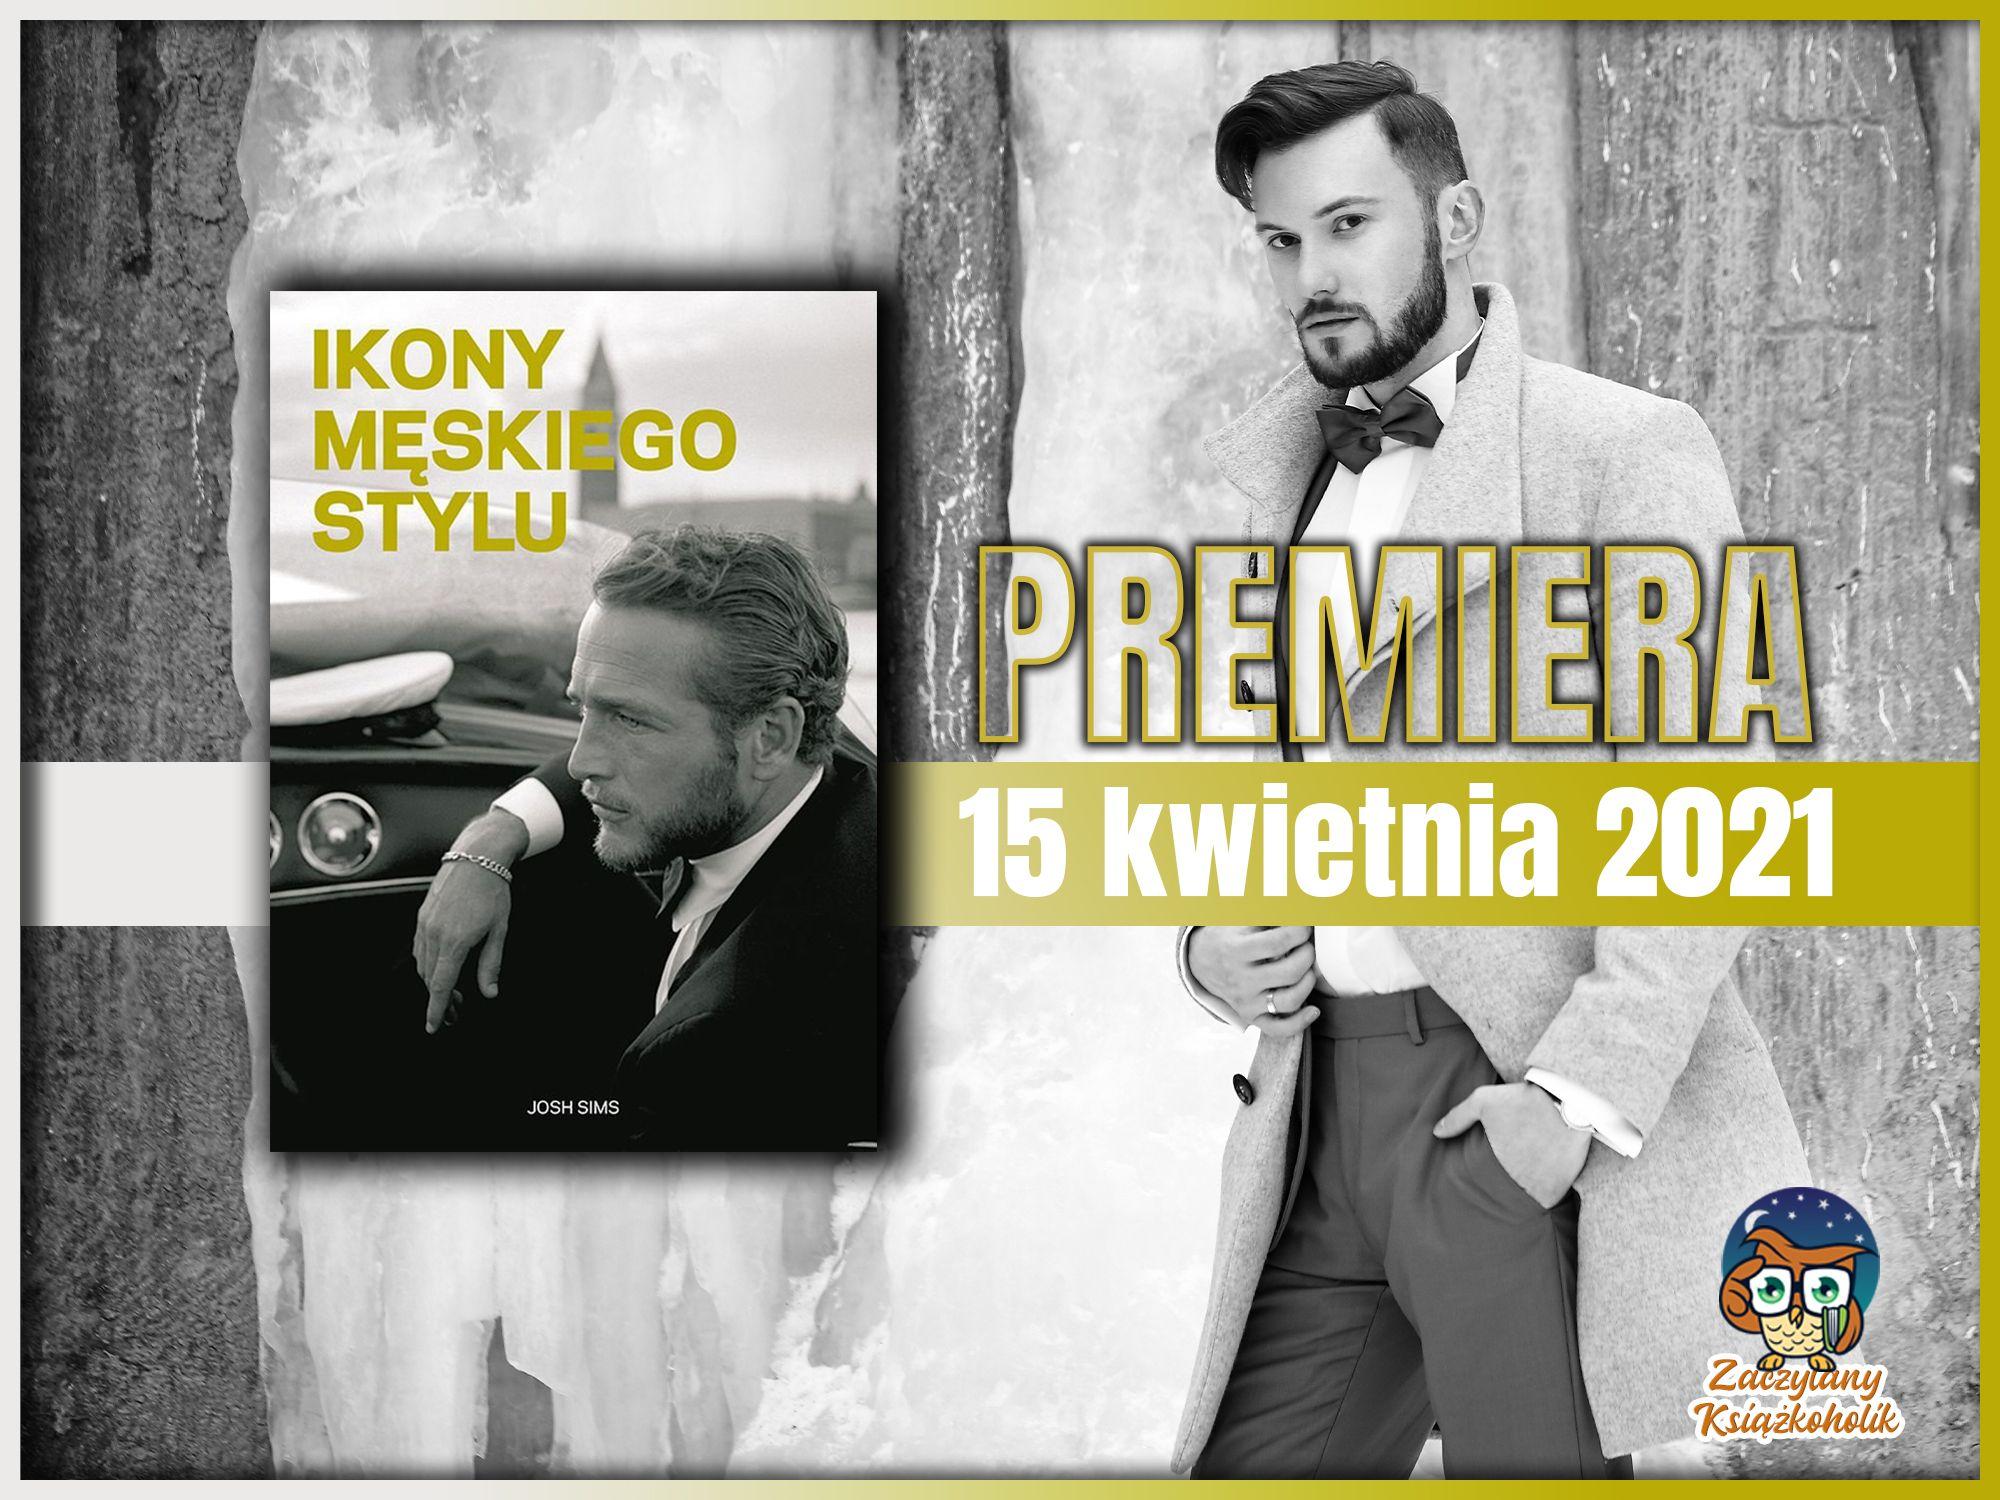 Ikony męskiego stylu, Josh Sims, zaczytanyksiazkoholik.pl